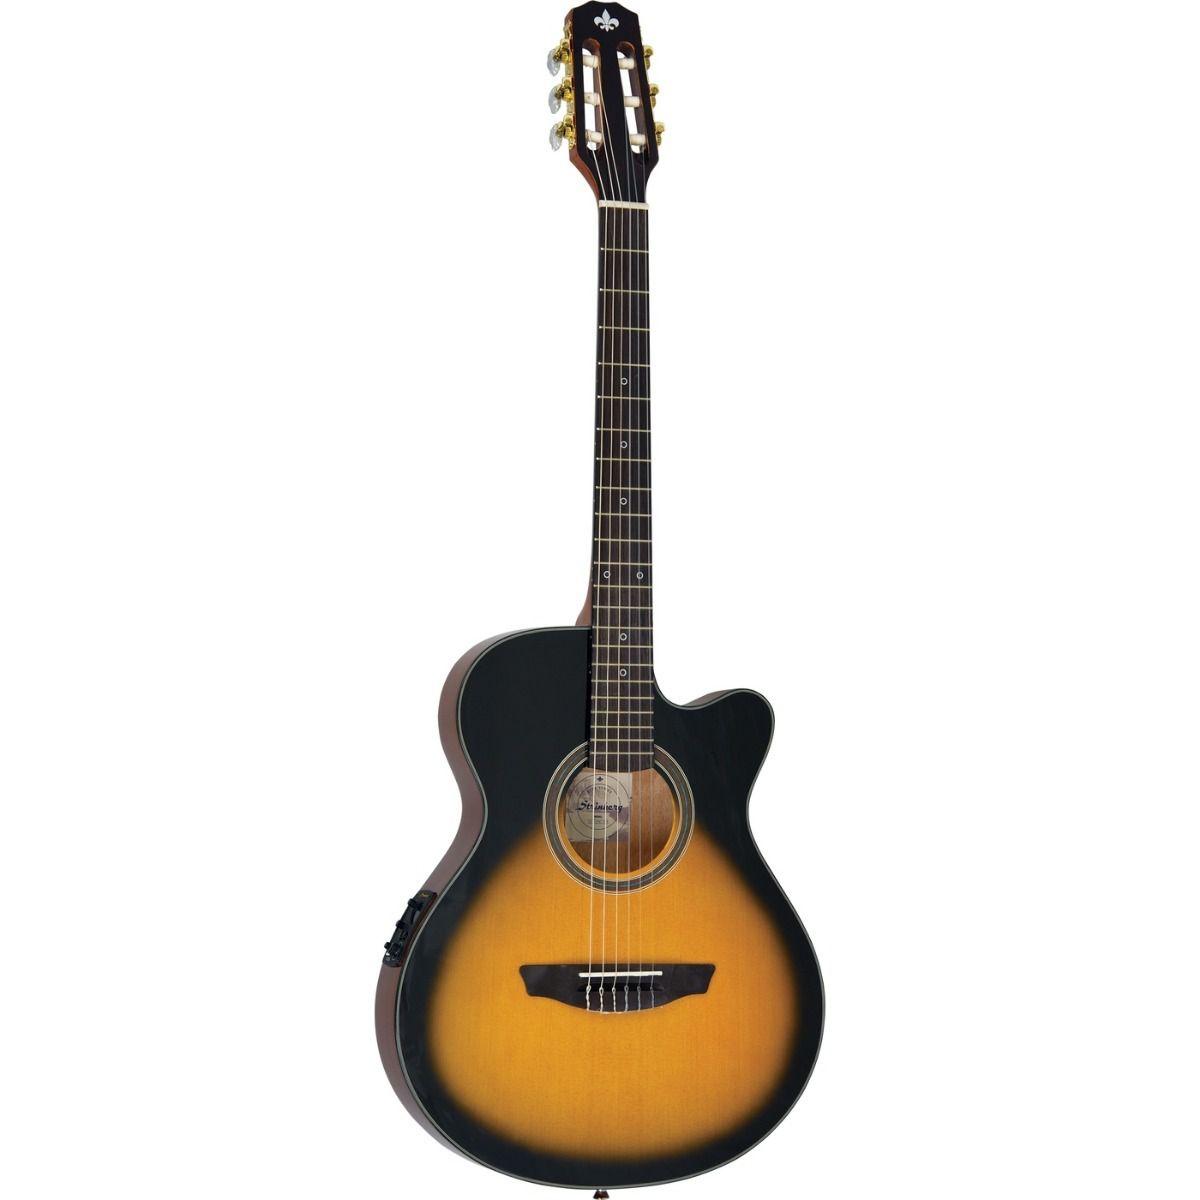 Violão Strinberg Scf25C Flat Nylon Sunburst  - Luggi Instrumentos Musicais